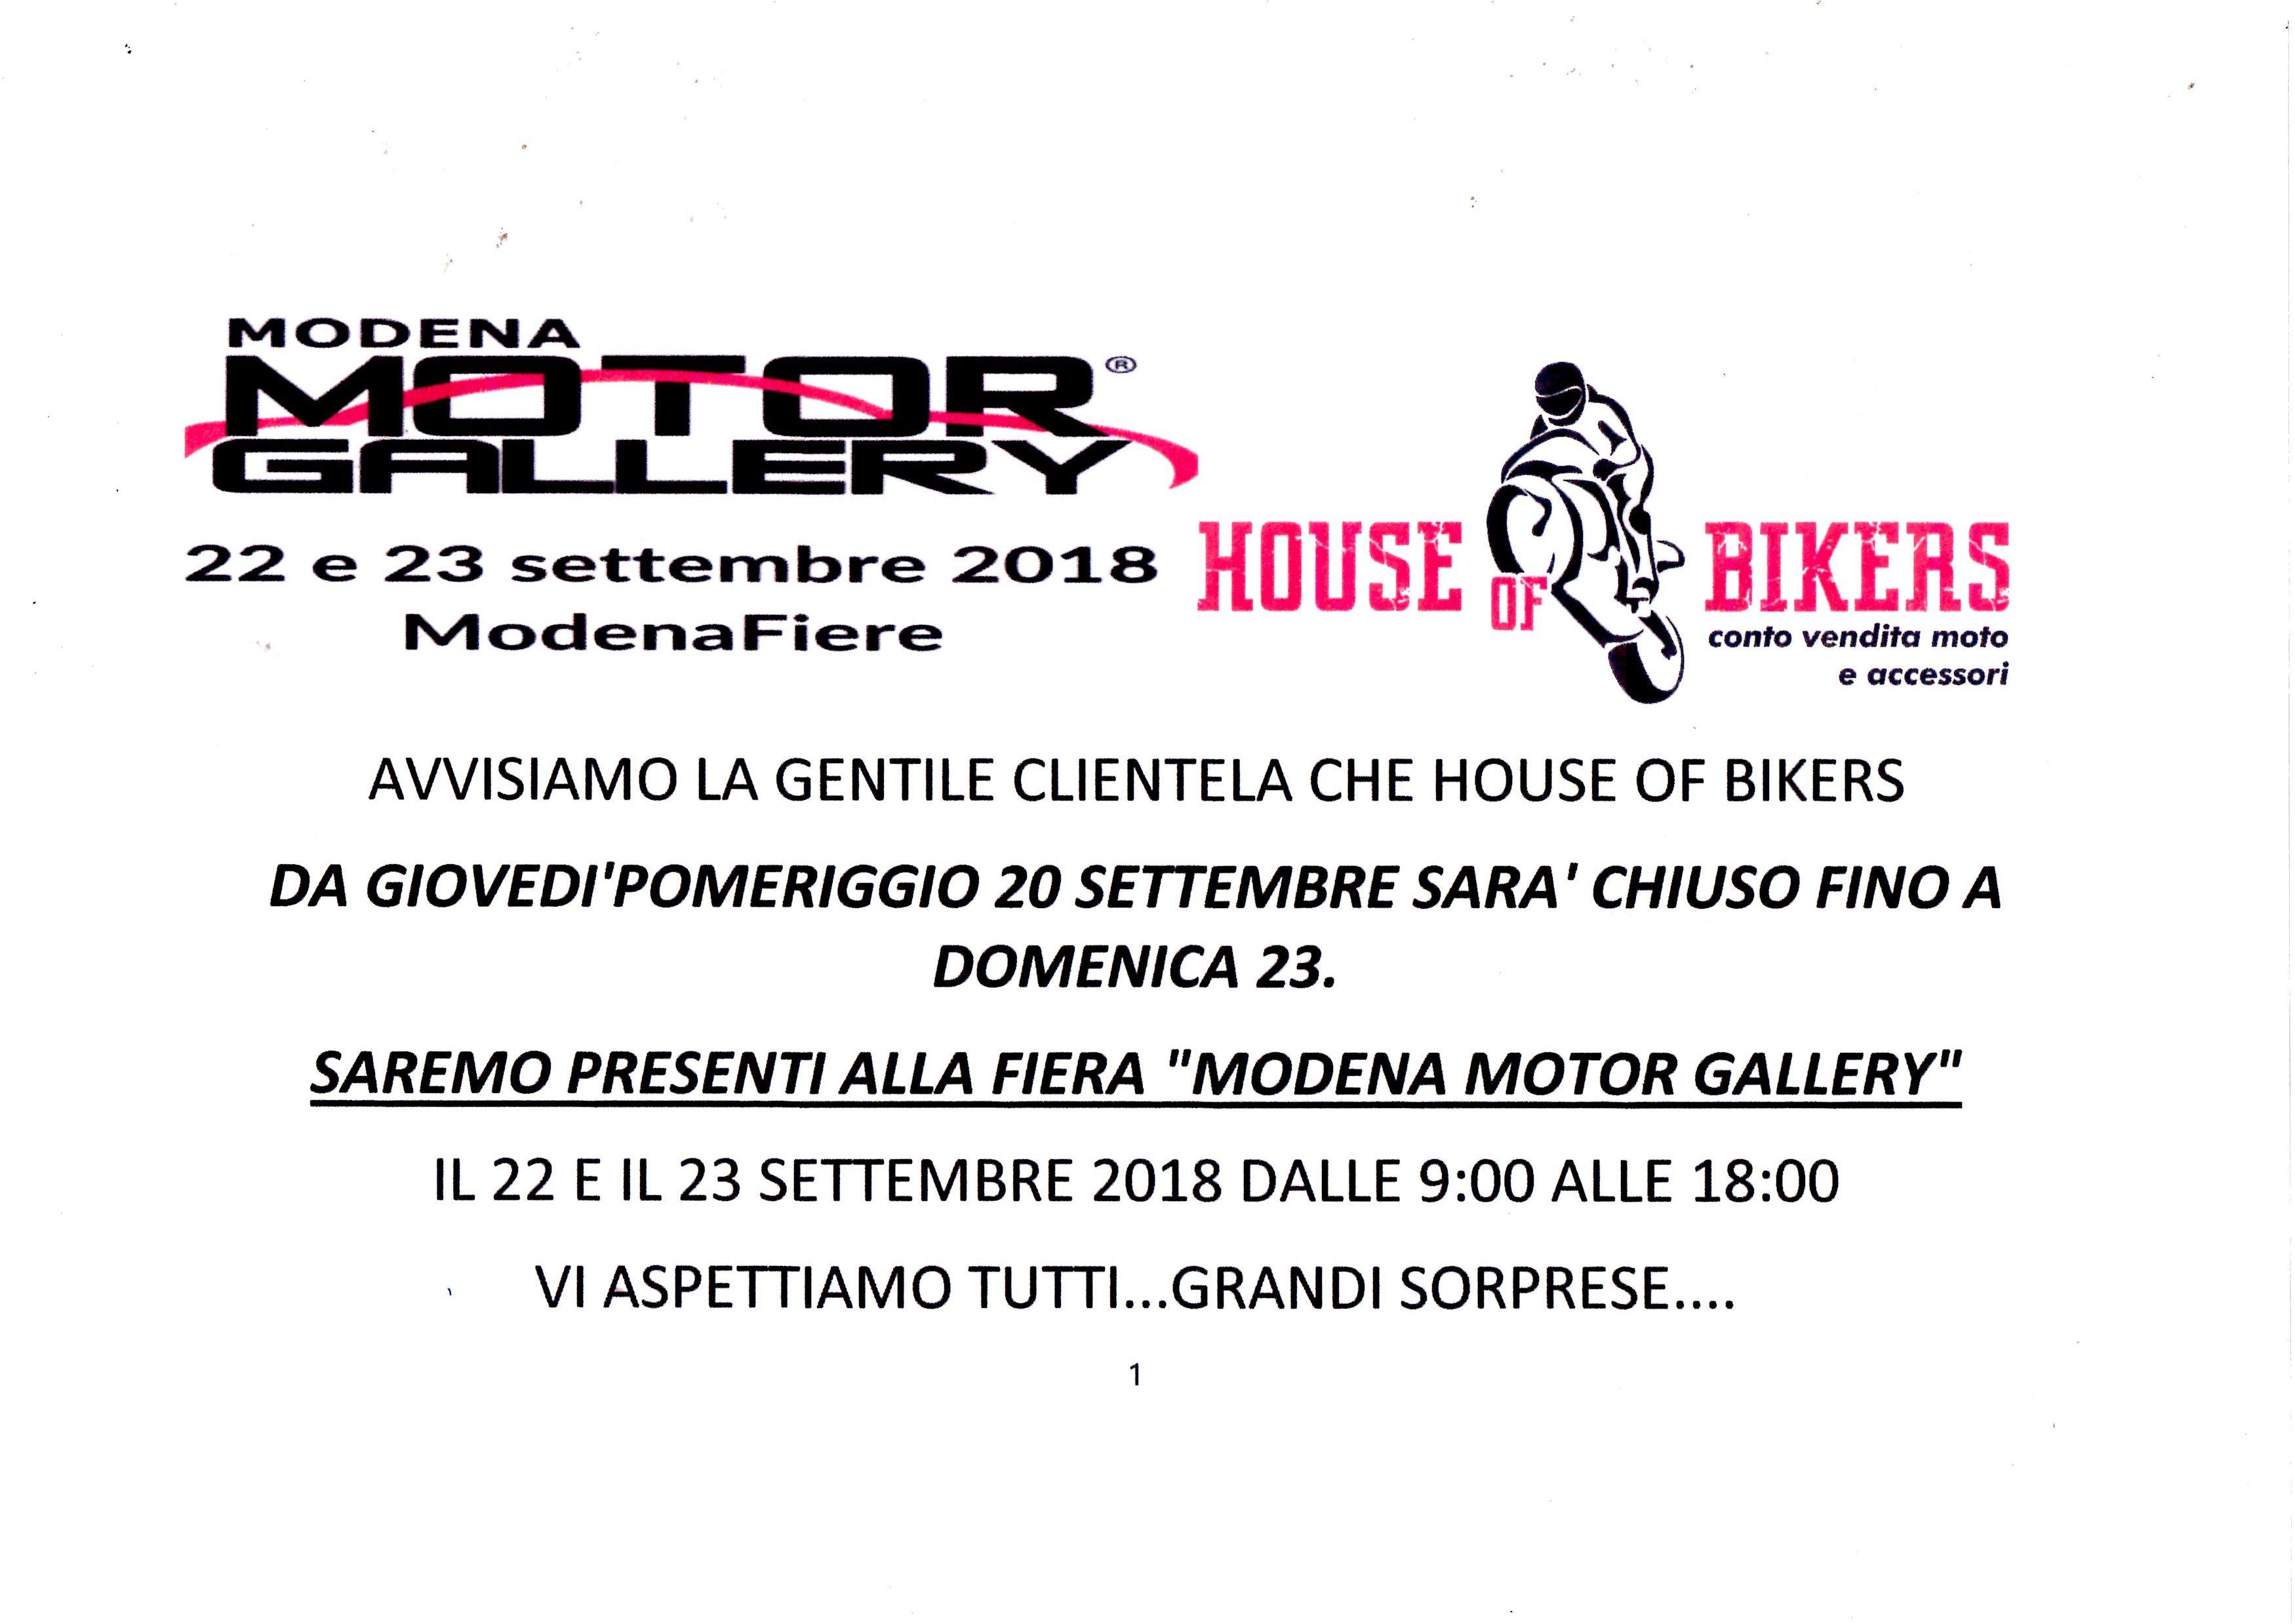 HOUSE OF BIKERS ALLA MOTOR GALLERY DI MODENA 2018